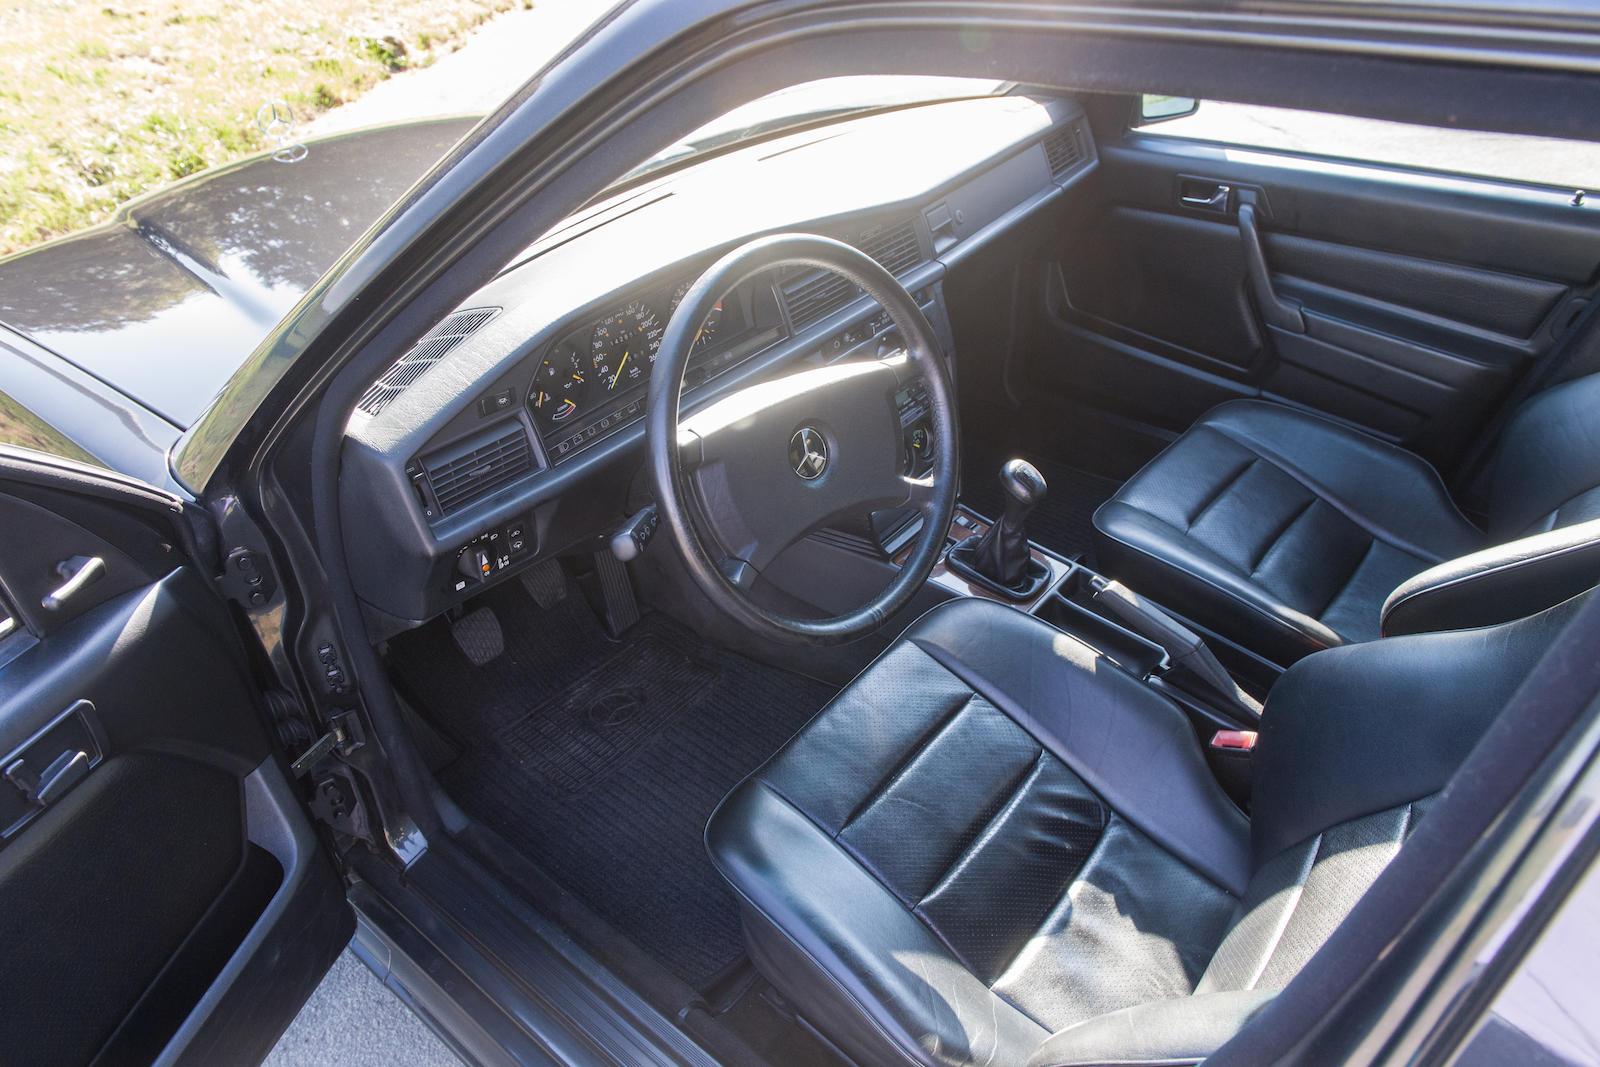 1985 Mercedes-Benz 190E 2.3-16 Sports Saloon interior